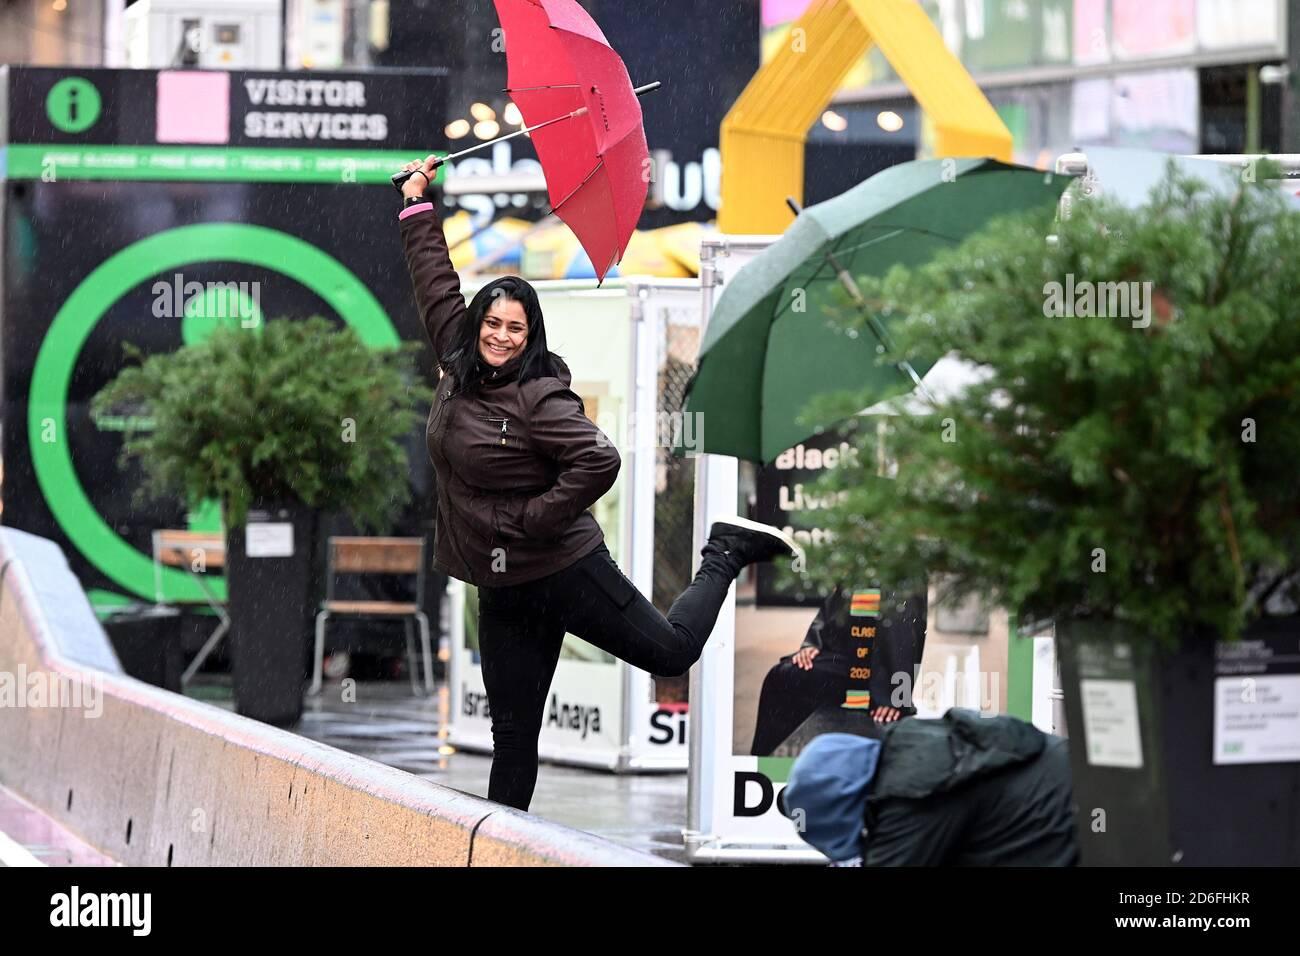 New York, États-Unis. 16 octobre 2020. Une femme pose pour un ami avec un appareil photo à Times Square, New York, NY, le 16 octobre 2020. Avec la résurgence de la COVID-19 qui se propage à travers les États-Unis, les points chauds touristiques comme Times Square et ses entreprises continuent de ressentir l'impact économique de la pandémie du coronavirus. (Anthony Behar/Sipa USA) crédit: SIPA USA/Alay Live News Banque D'Images